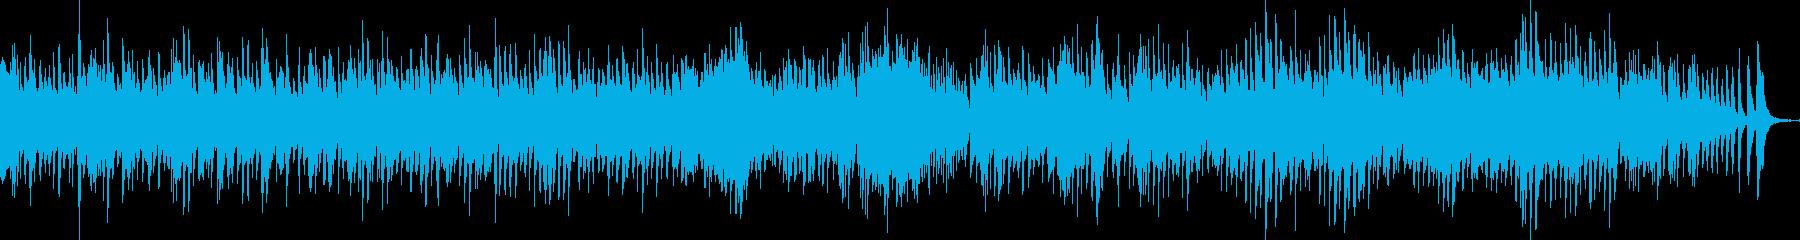 ハープメインの静かな小オーケストラの再生済みの波形